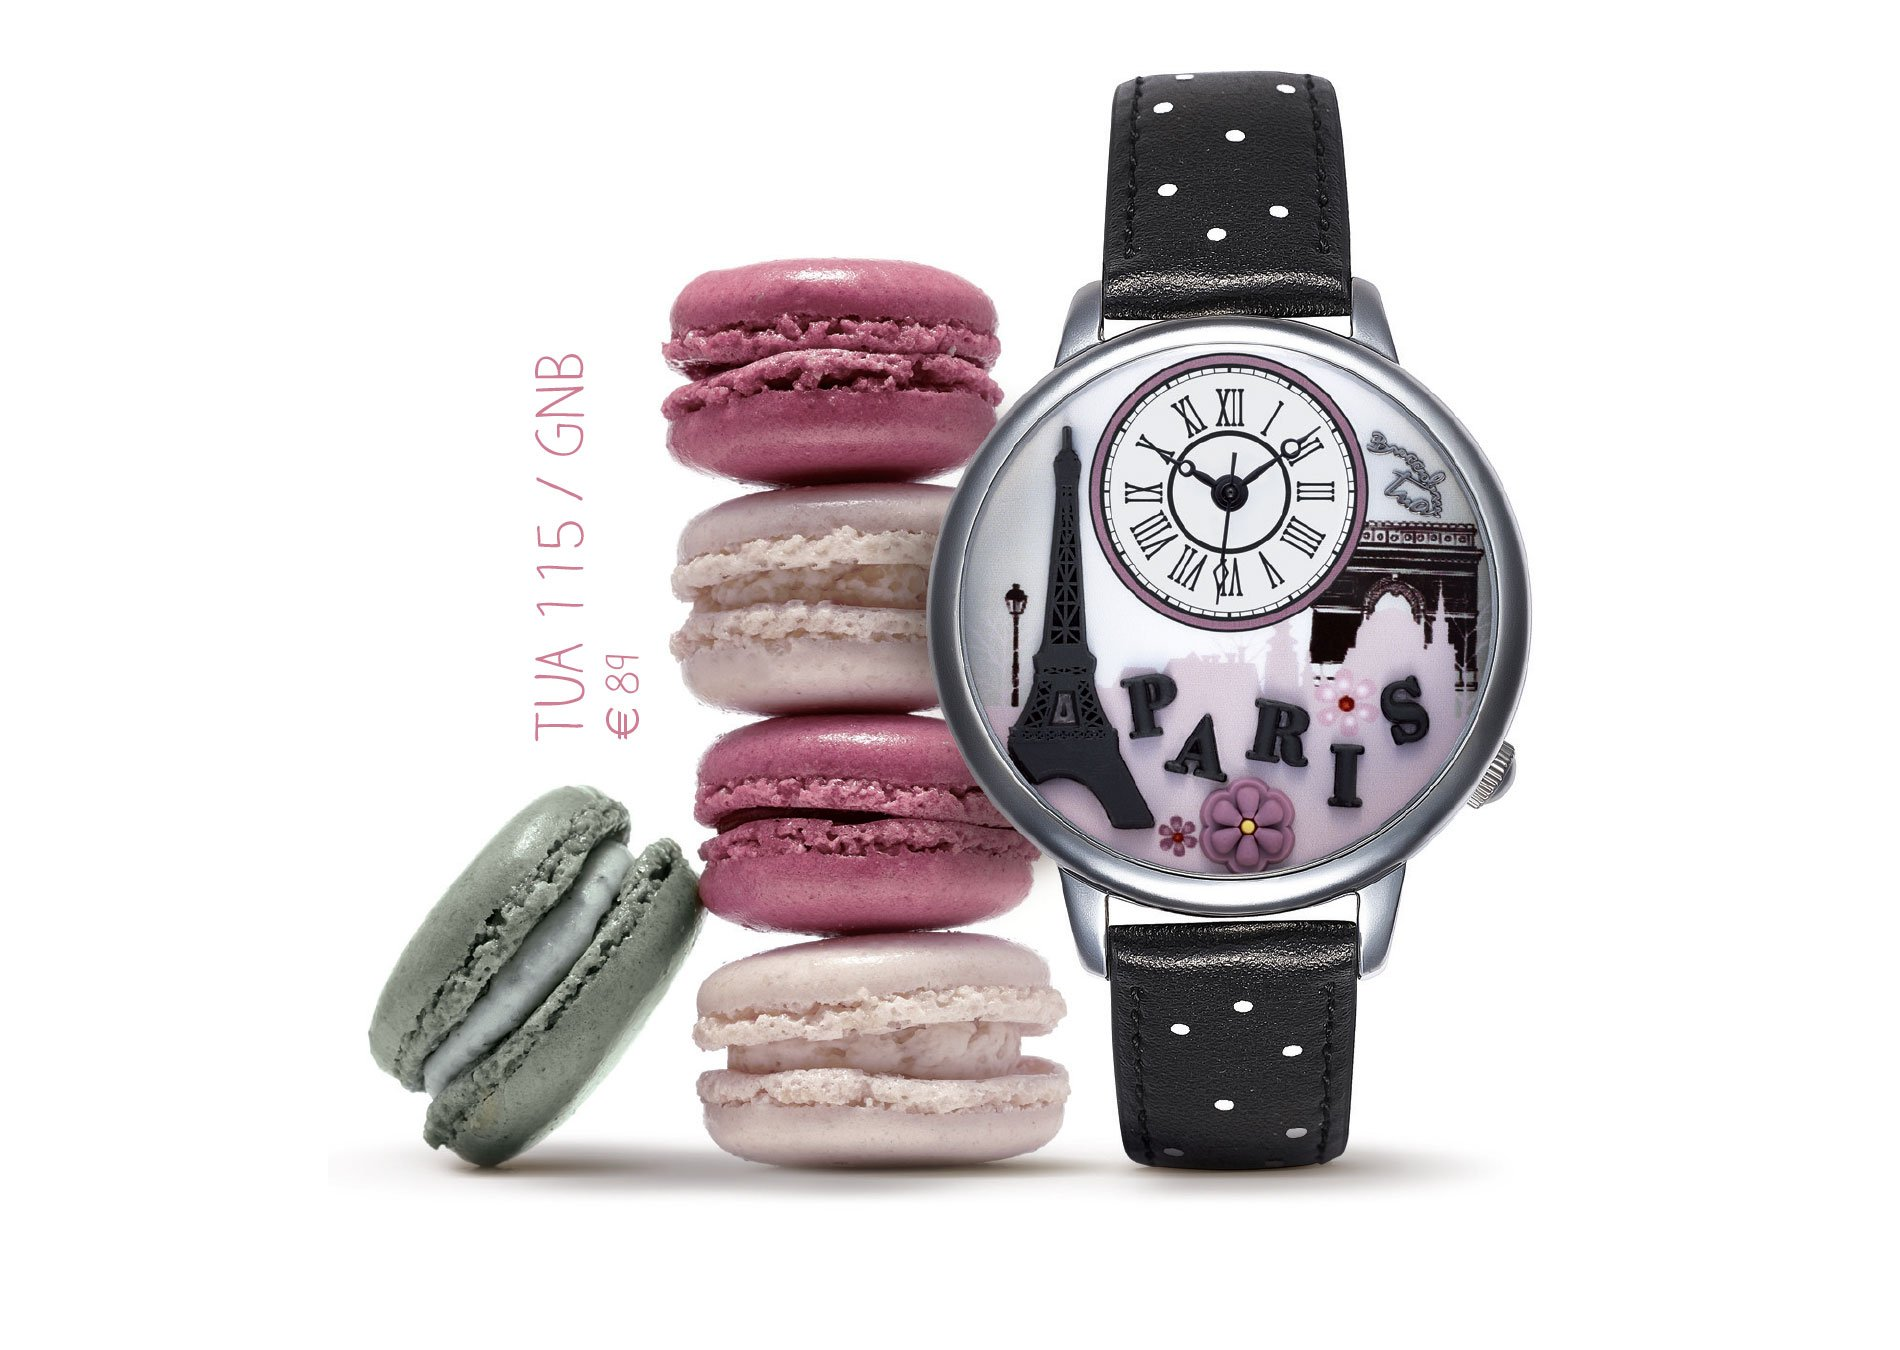 Orologio con cinturino nero con pois bianchi, riferimenti a Parigi e macarons di sfondo